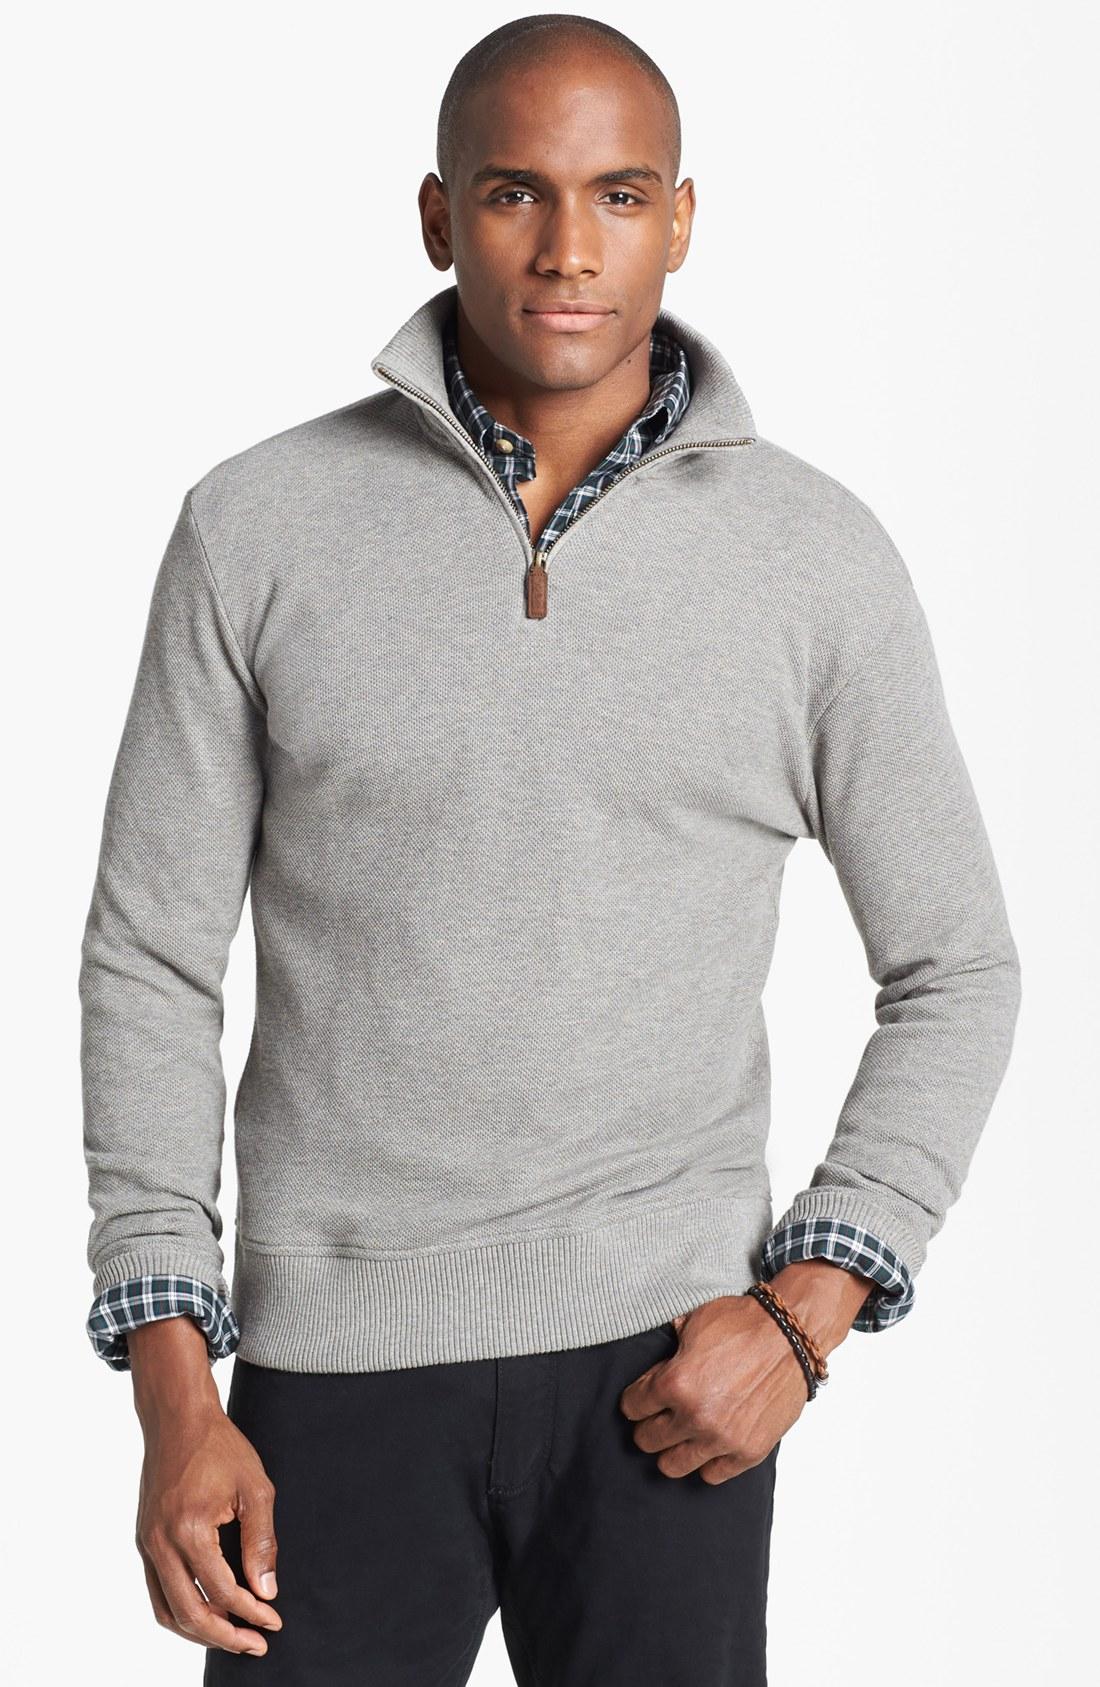 polo ralph lauren alpaca half zip pullover in gray for men. Black Bedroom Furniture Sets. Home Design Ideas